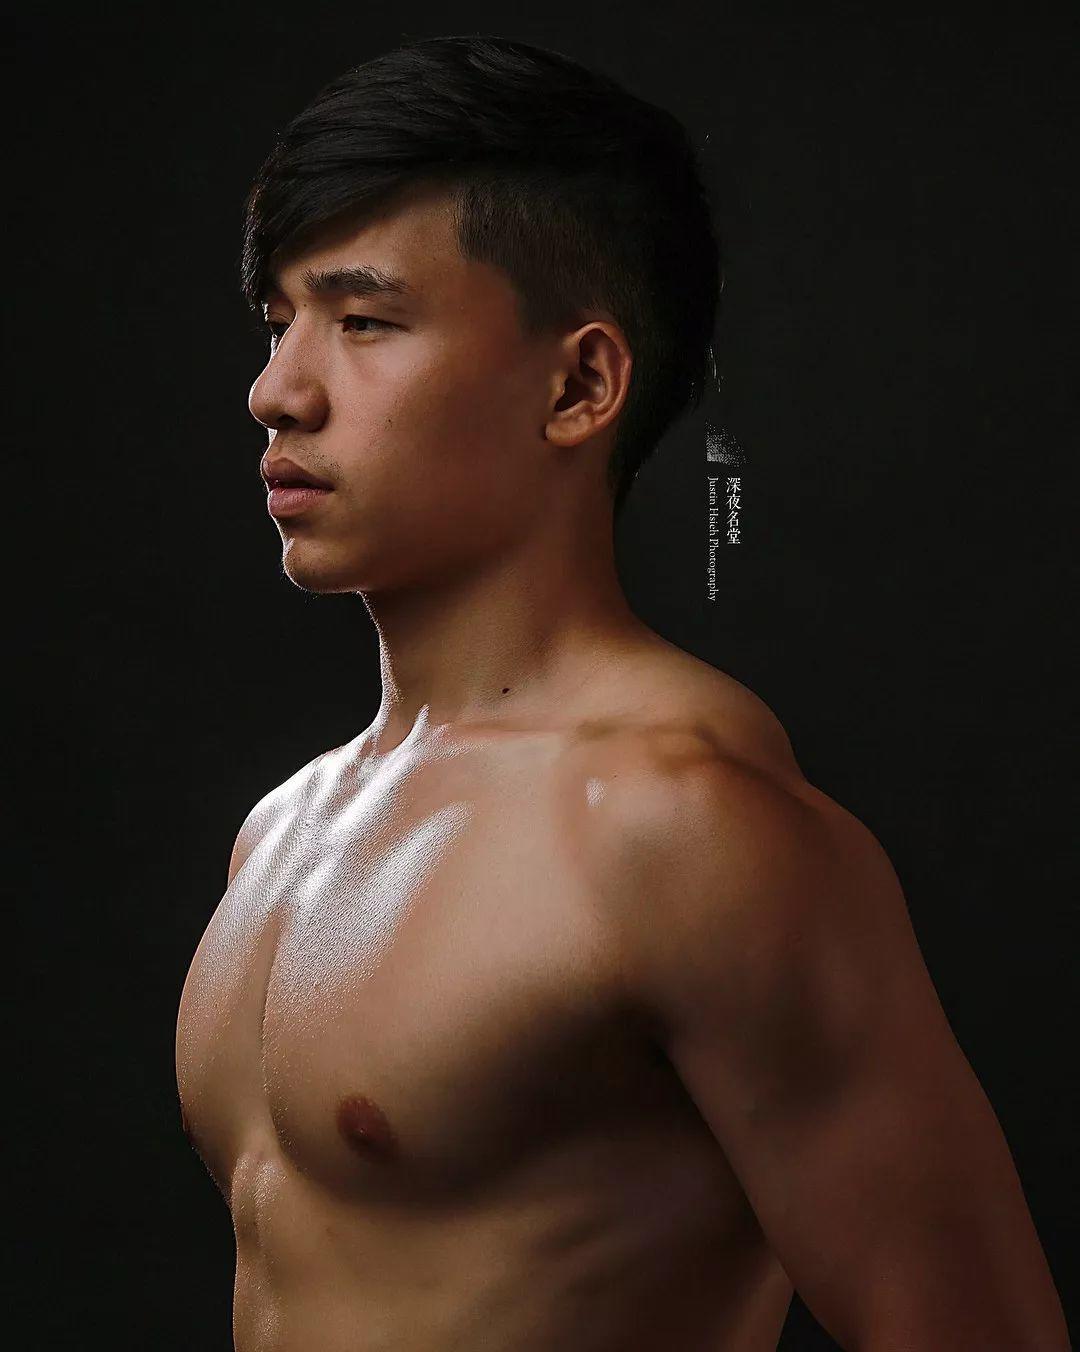 健身/潜水教练&内裤男模吕重毅